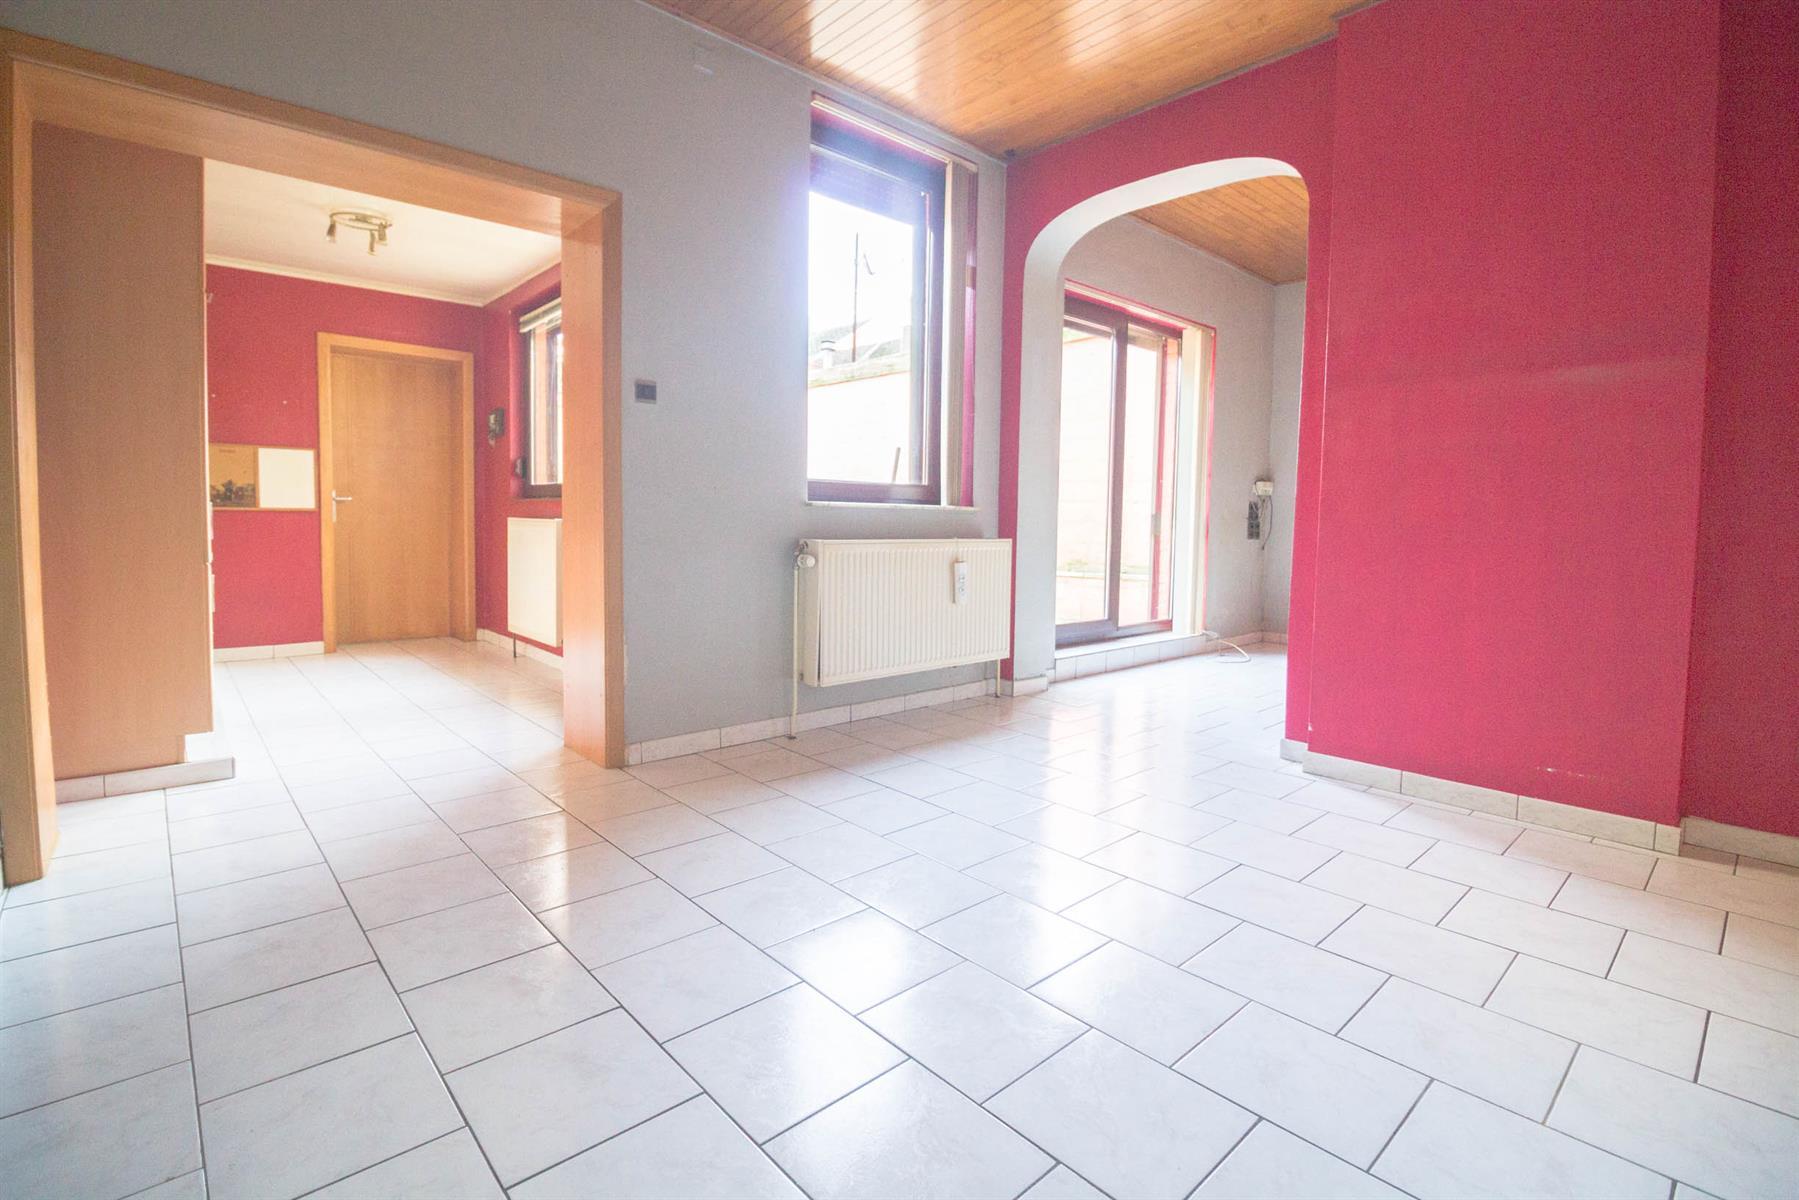 Maison - Marchienne-au-Pont - #4027759-8